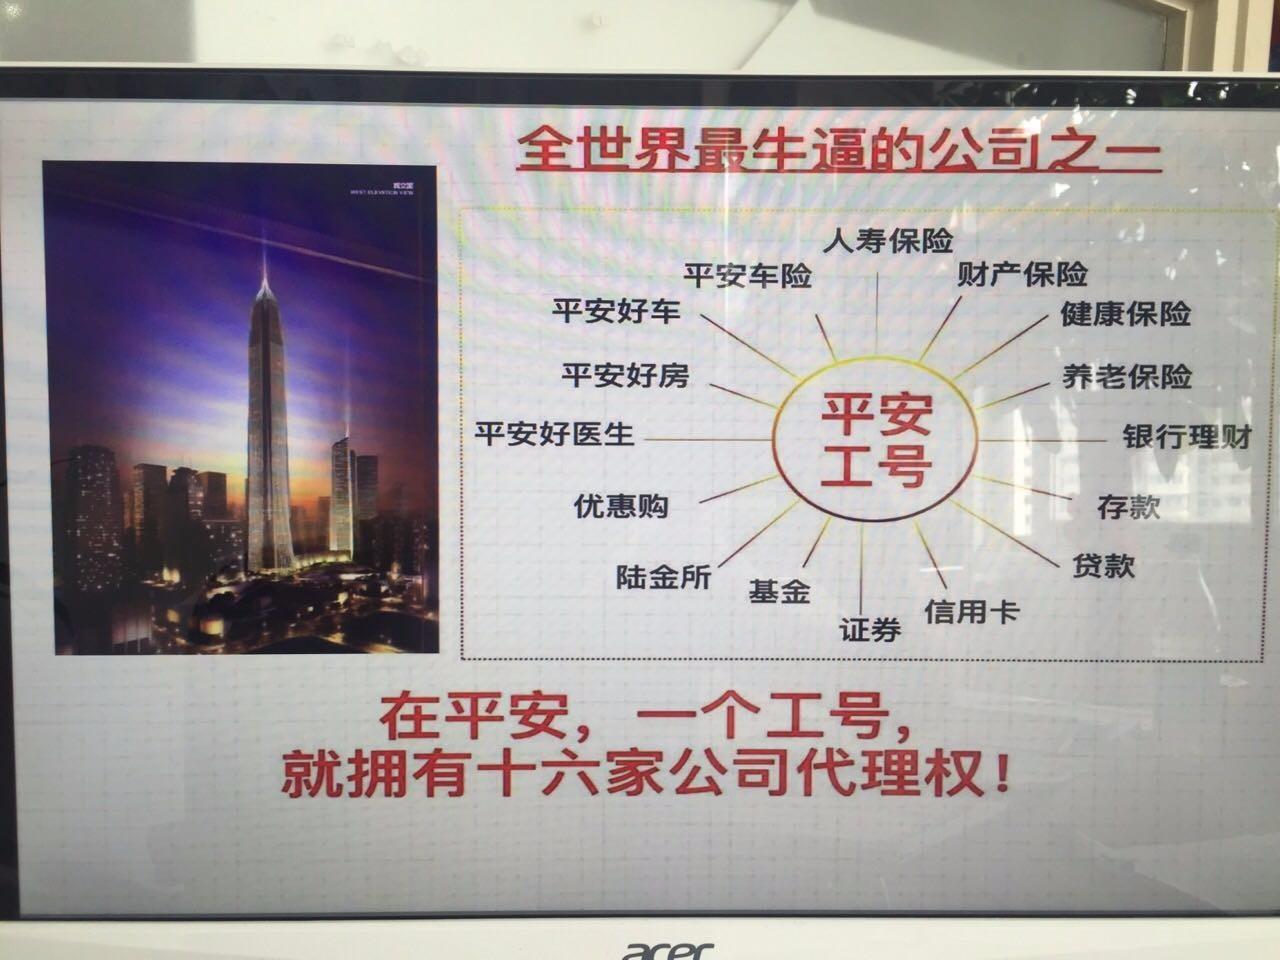 公司介绍 中国平安保险(集团)股份有限公司(以下简称中国平安,公司,集团)于1988年诞生于深圳蛇口,是中国第一家股份制保险企业,至今已发展成为融保险、银行、投资等金融业务为一体的整合、紧密、多元的综合金融服务集团。公司为香港联合交易所主板及上海证券交易所两地上市公司,股票代码分别为2318和601318。 中国平安的企业使命是:对股东负责,资产增值,稳定回报;对客户负责,服务至上,诚信保障;对员工负责,生涯规划,安居乐业;对社会负责,回馈社会,建设国家。中国平安以专业创造价值为核心文化理念